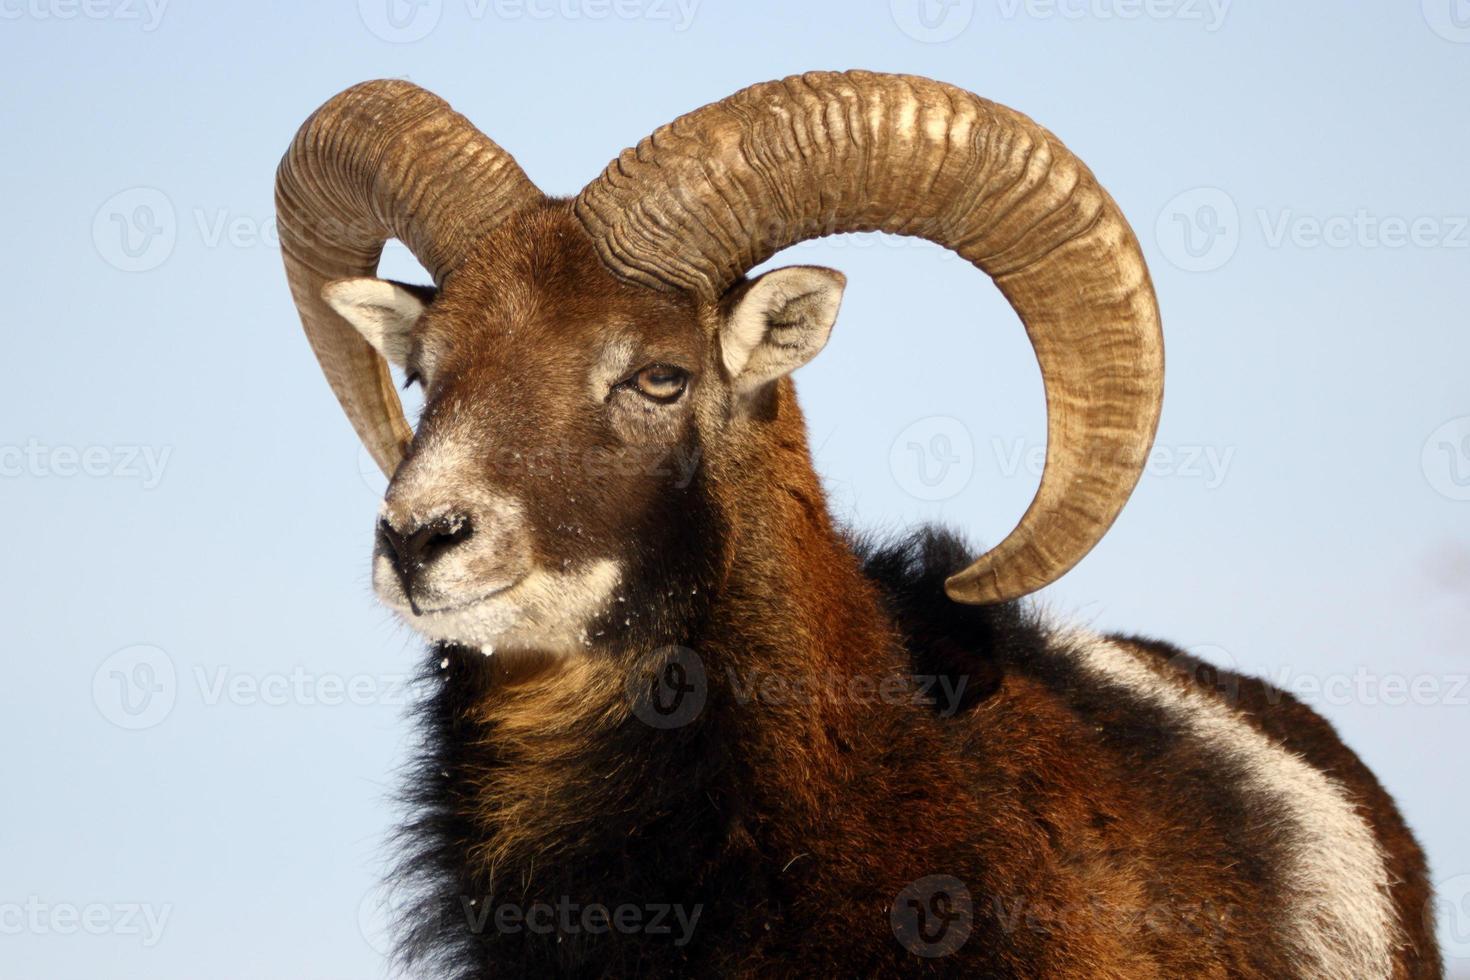 mouflon trophy photo